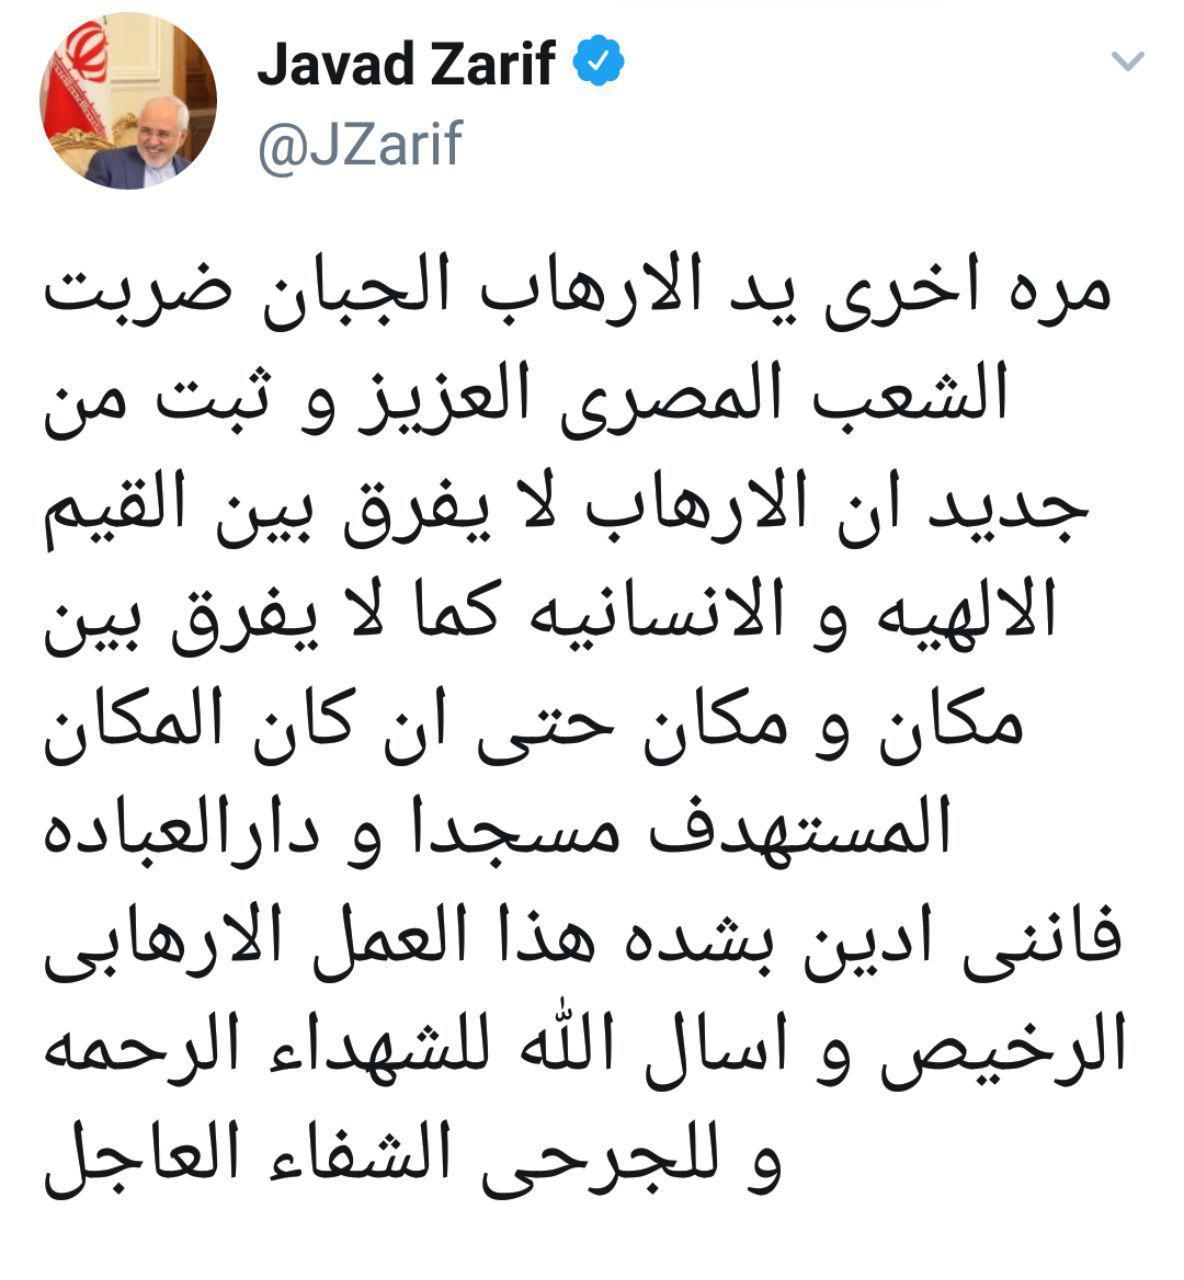 ظریف به زبان عربی حادثه مصر را محکوم کرد